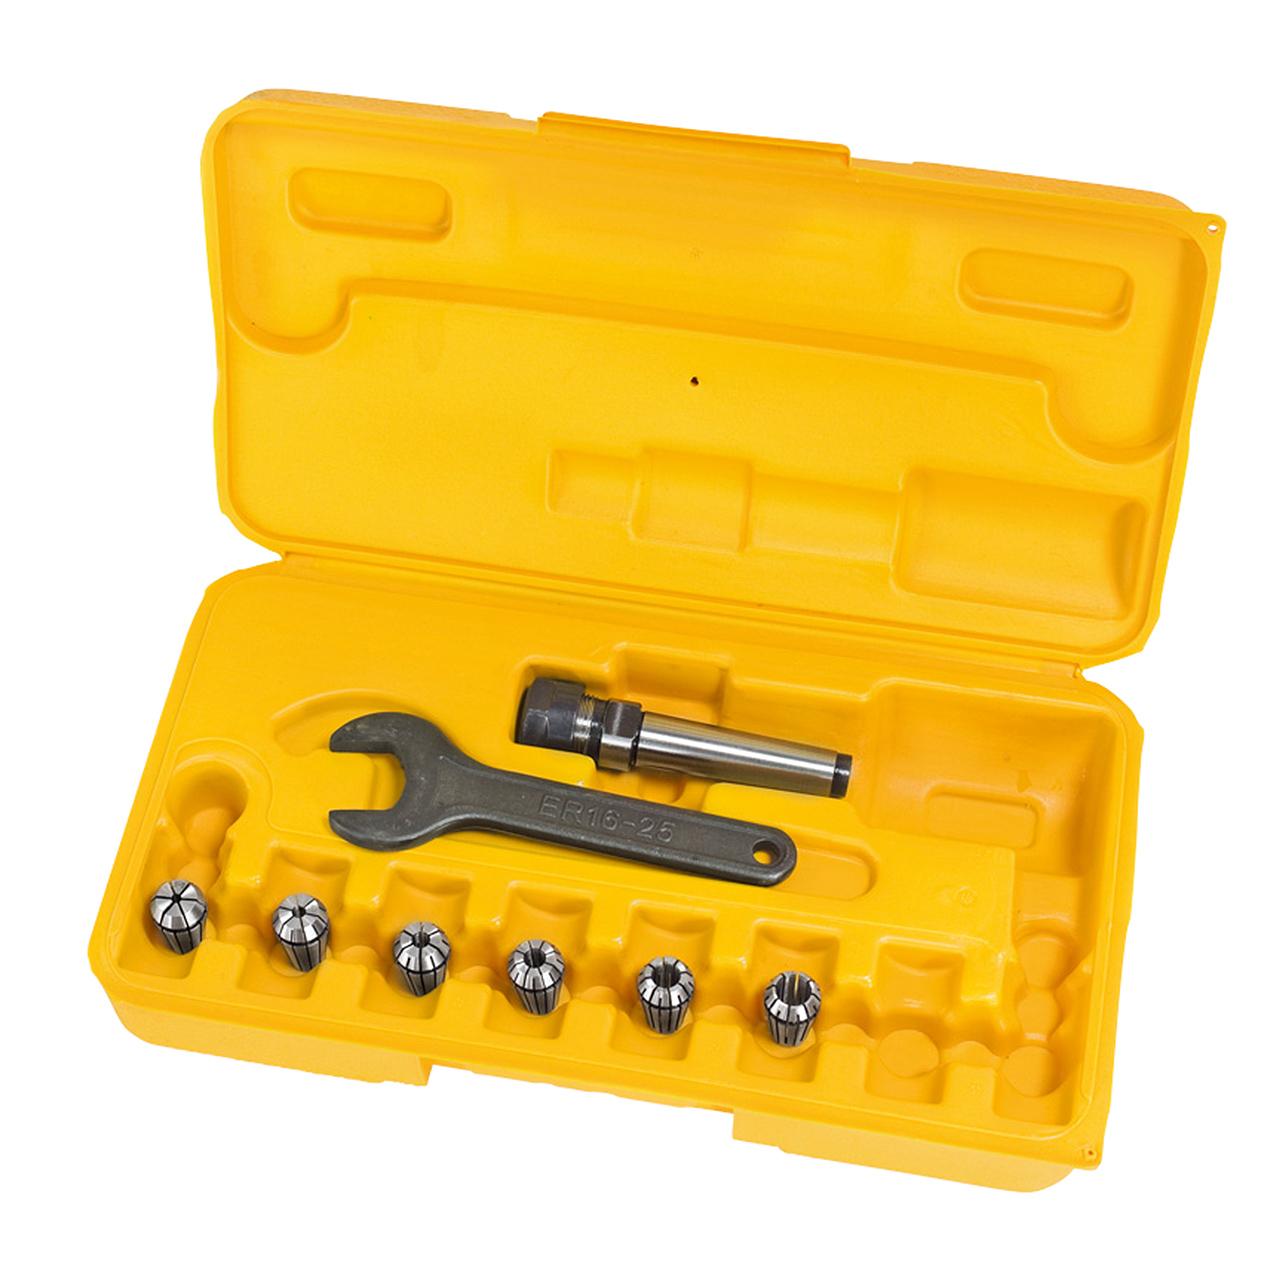 Fræse-spændetænger i sæt- ER 16, MK 2, 3 - 10 mm